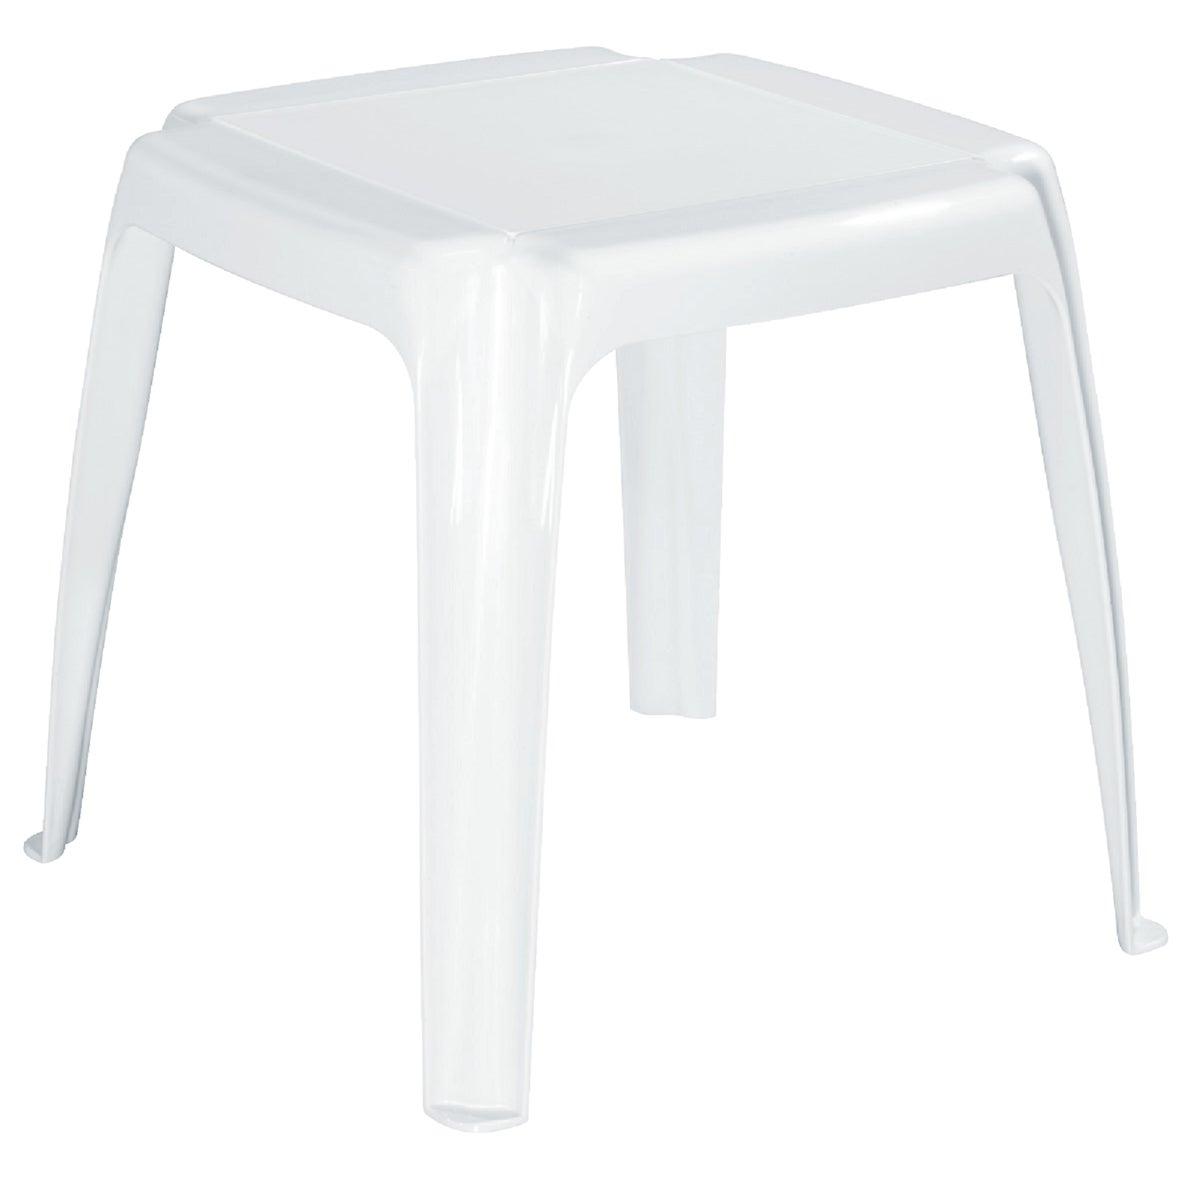 WHT SQ SIDE TABLE - 8115-48-3700 by Adams Mfg Patio Furn